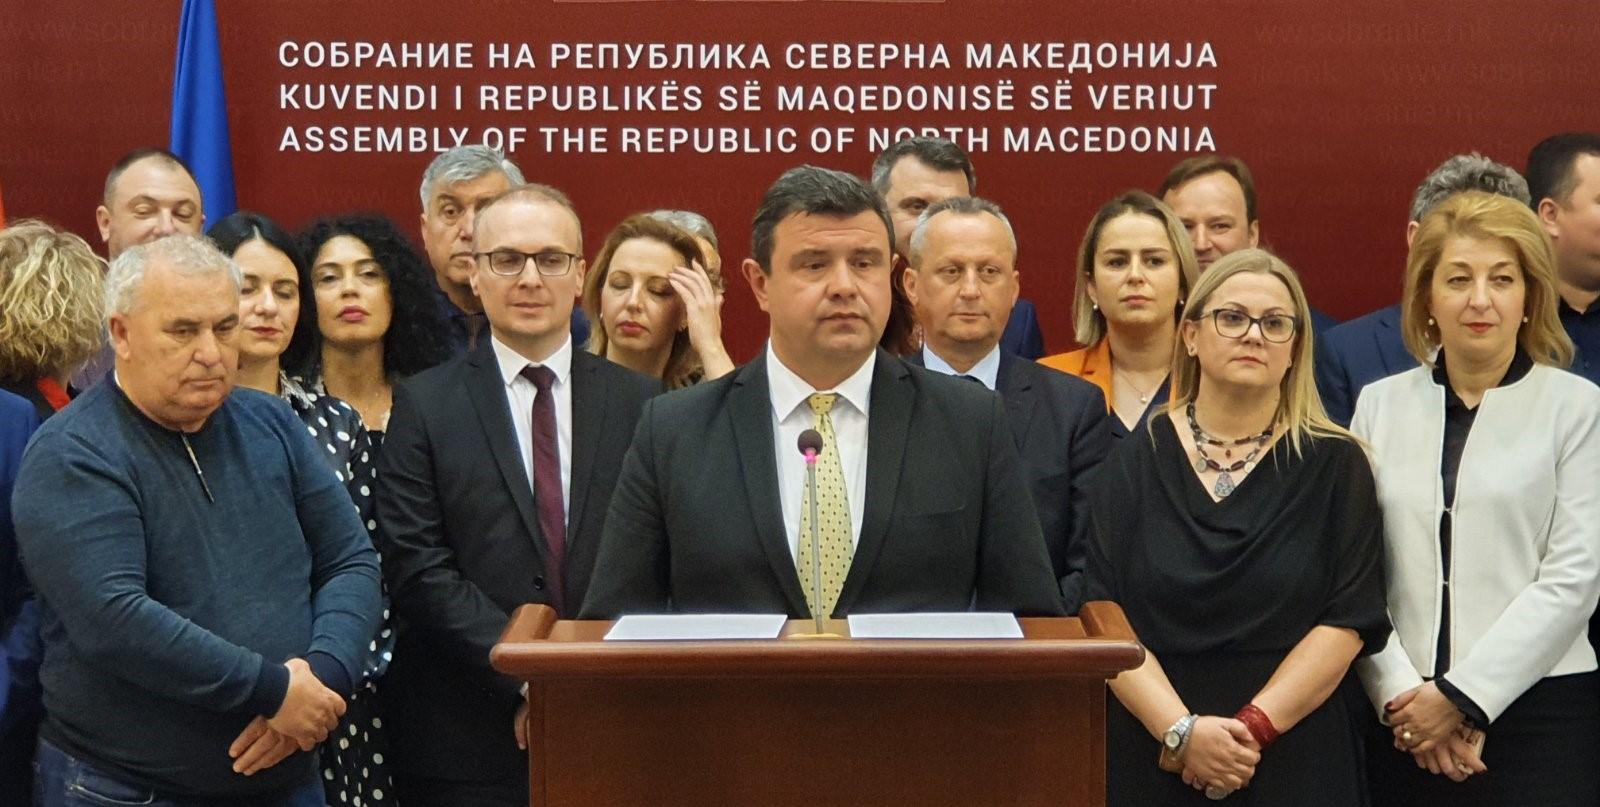 ВМРО-ДПМНЕ БАРА ПЕНДАРОВСКИ ДА НЕ ГО ПОТПИШЕ ЗАКОНОТ ЗА ЈАВНО ОБВИНИТЕЛСТВО